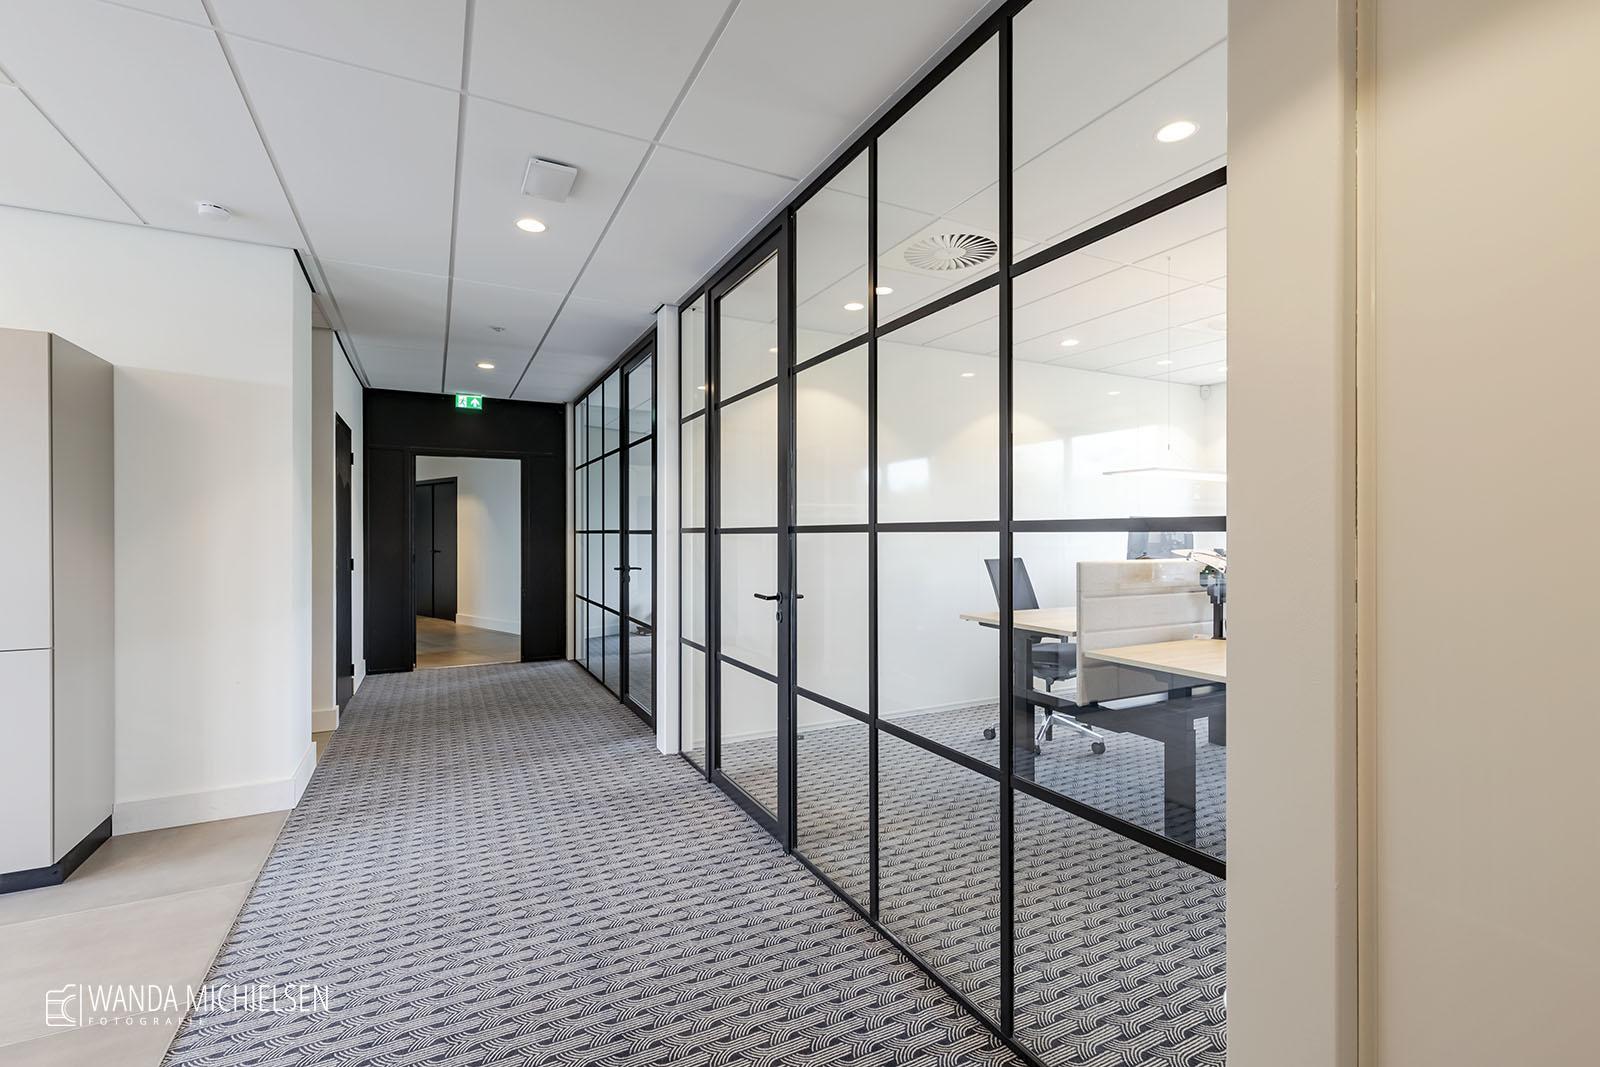 Bedrijfsfotografie interieur en architectuur